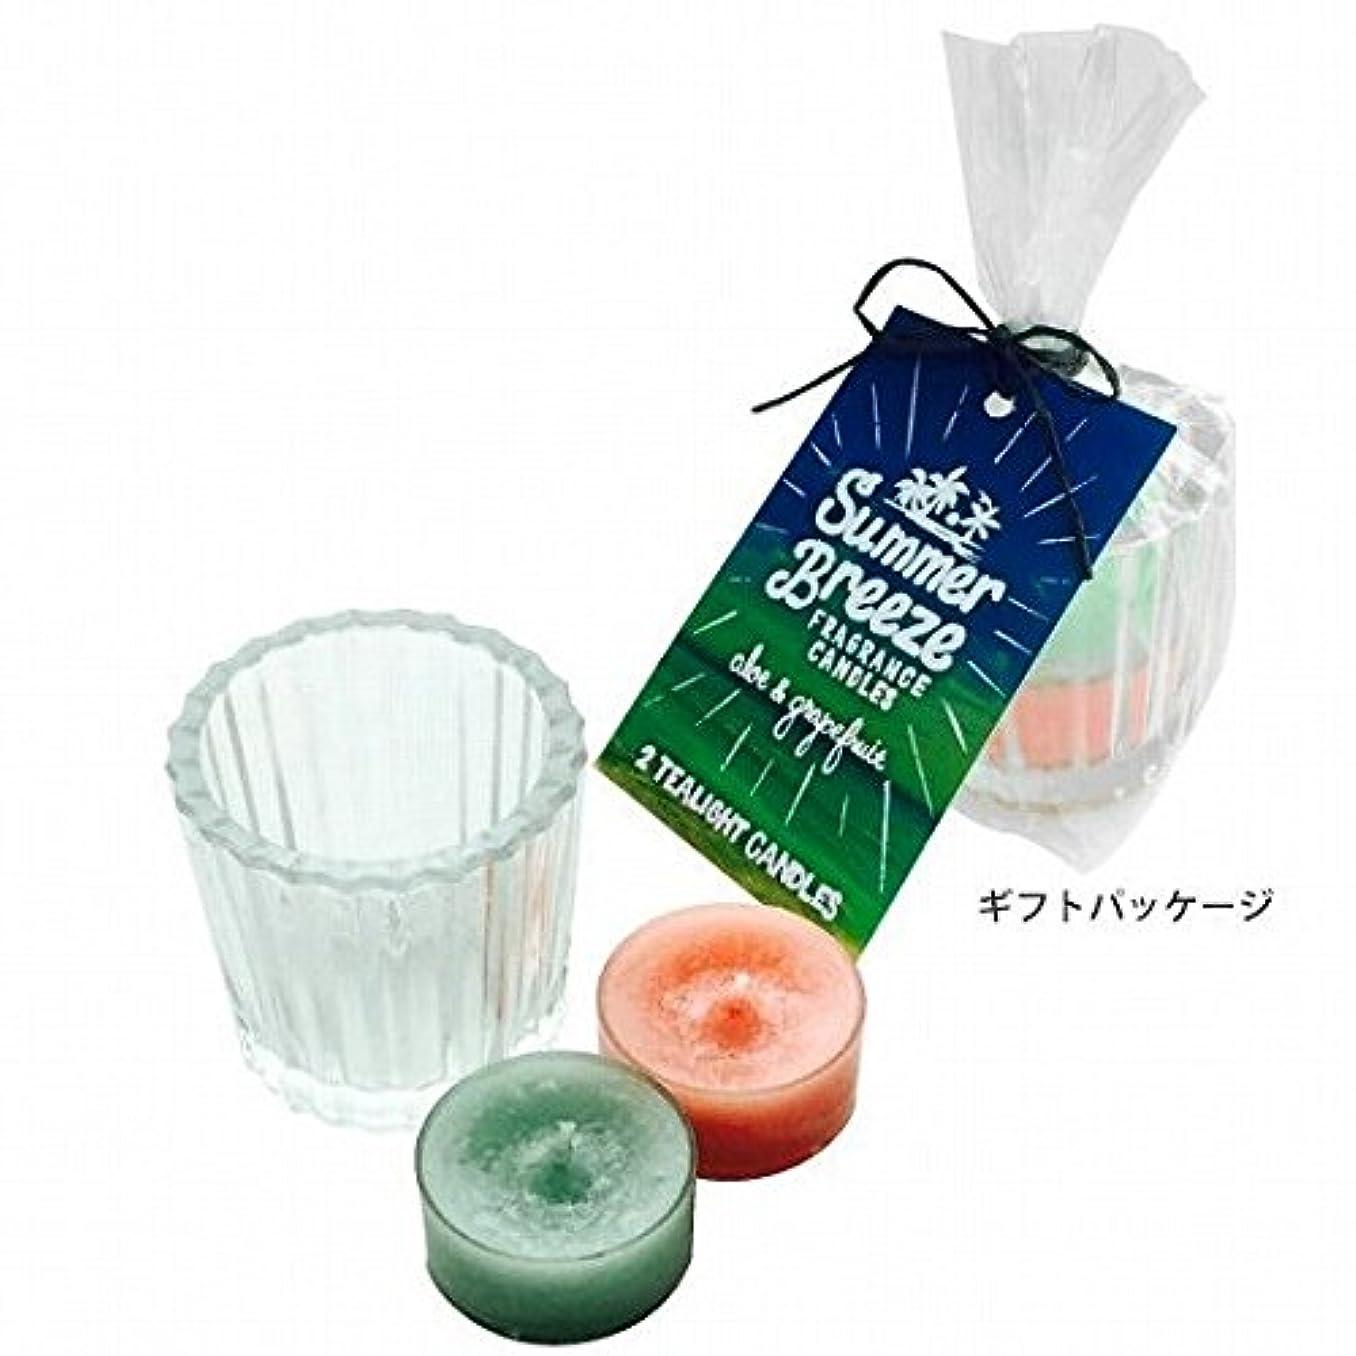 ヘッジバック父方のkameyama candle(カメヤマキャンドル) サマーブリーズティーライトキャンドルセット(K5090001)